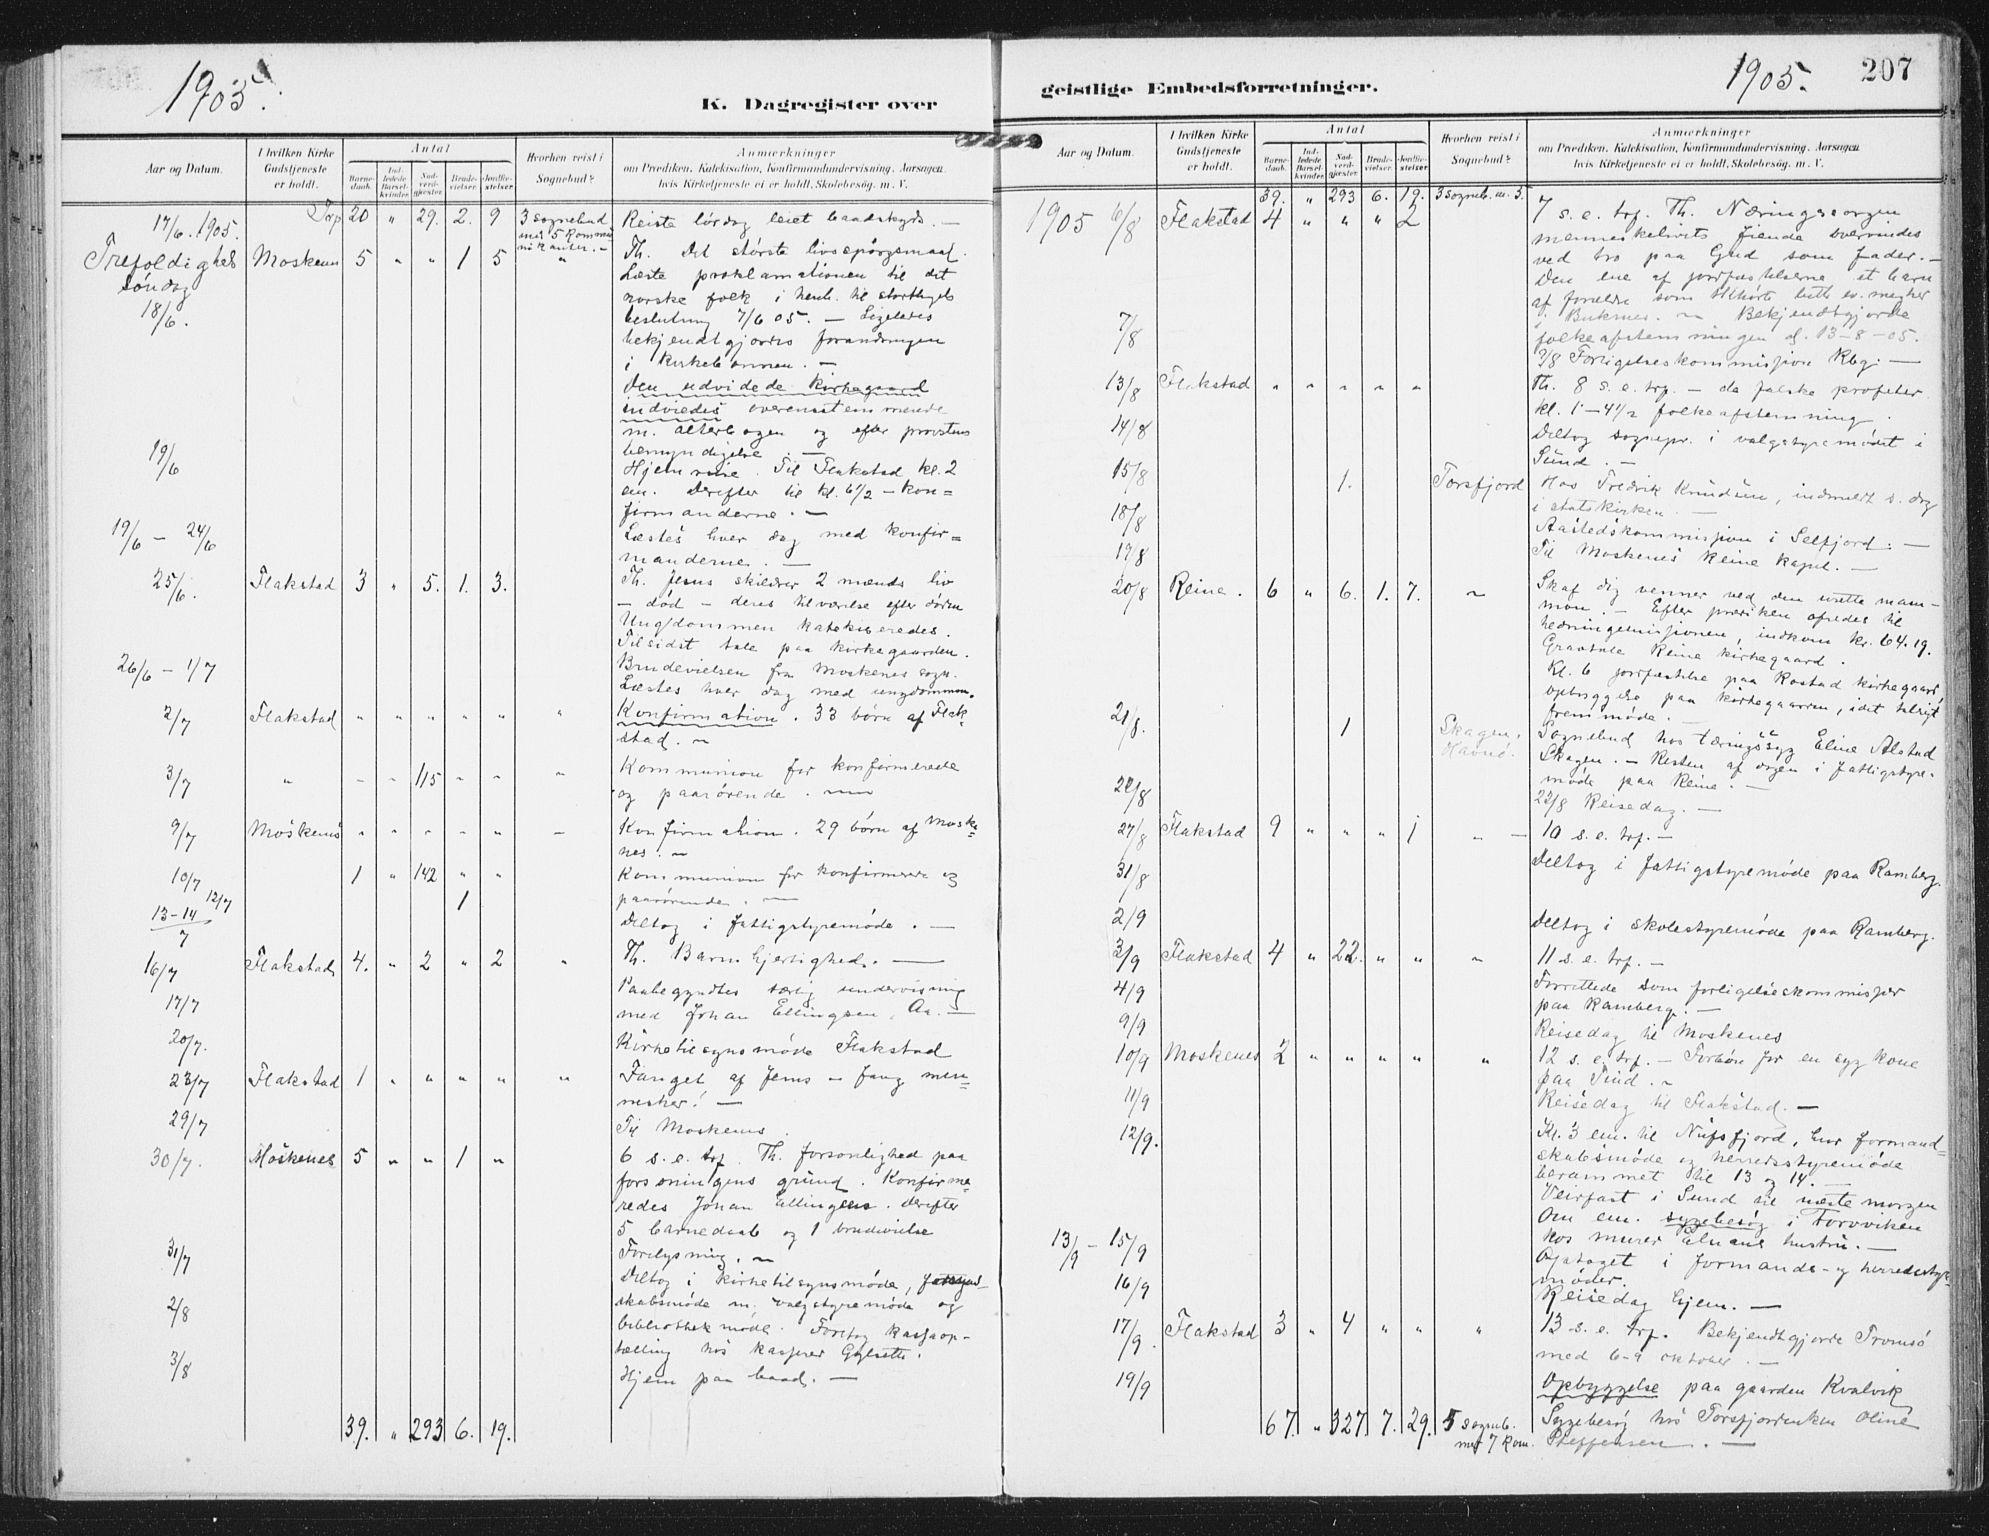 SAT, Ministerialprotokoller, klokkerbøker og fødselsregistre - Nordland, 885/L1206: Parish register (official) no. 885A07, 1905-1915, p. 207